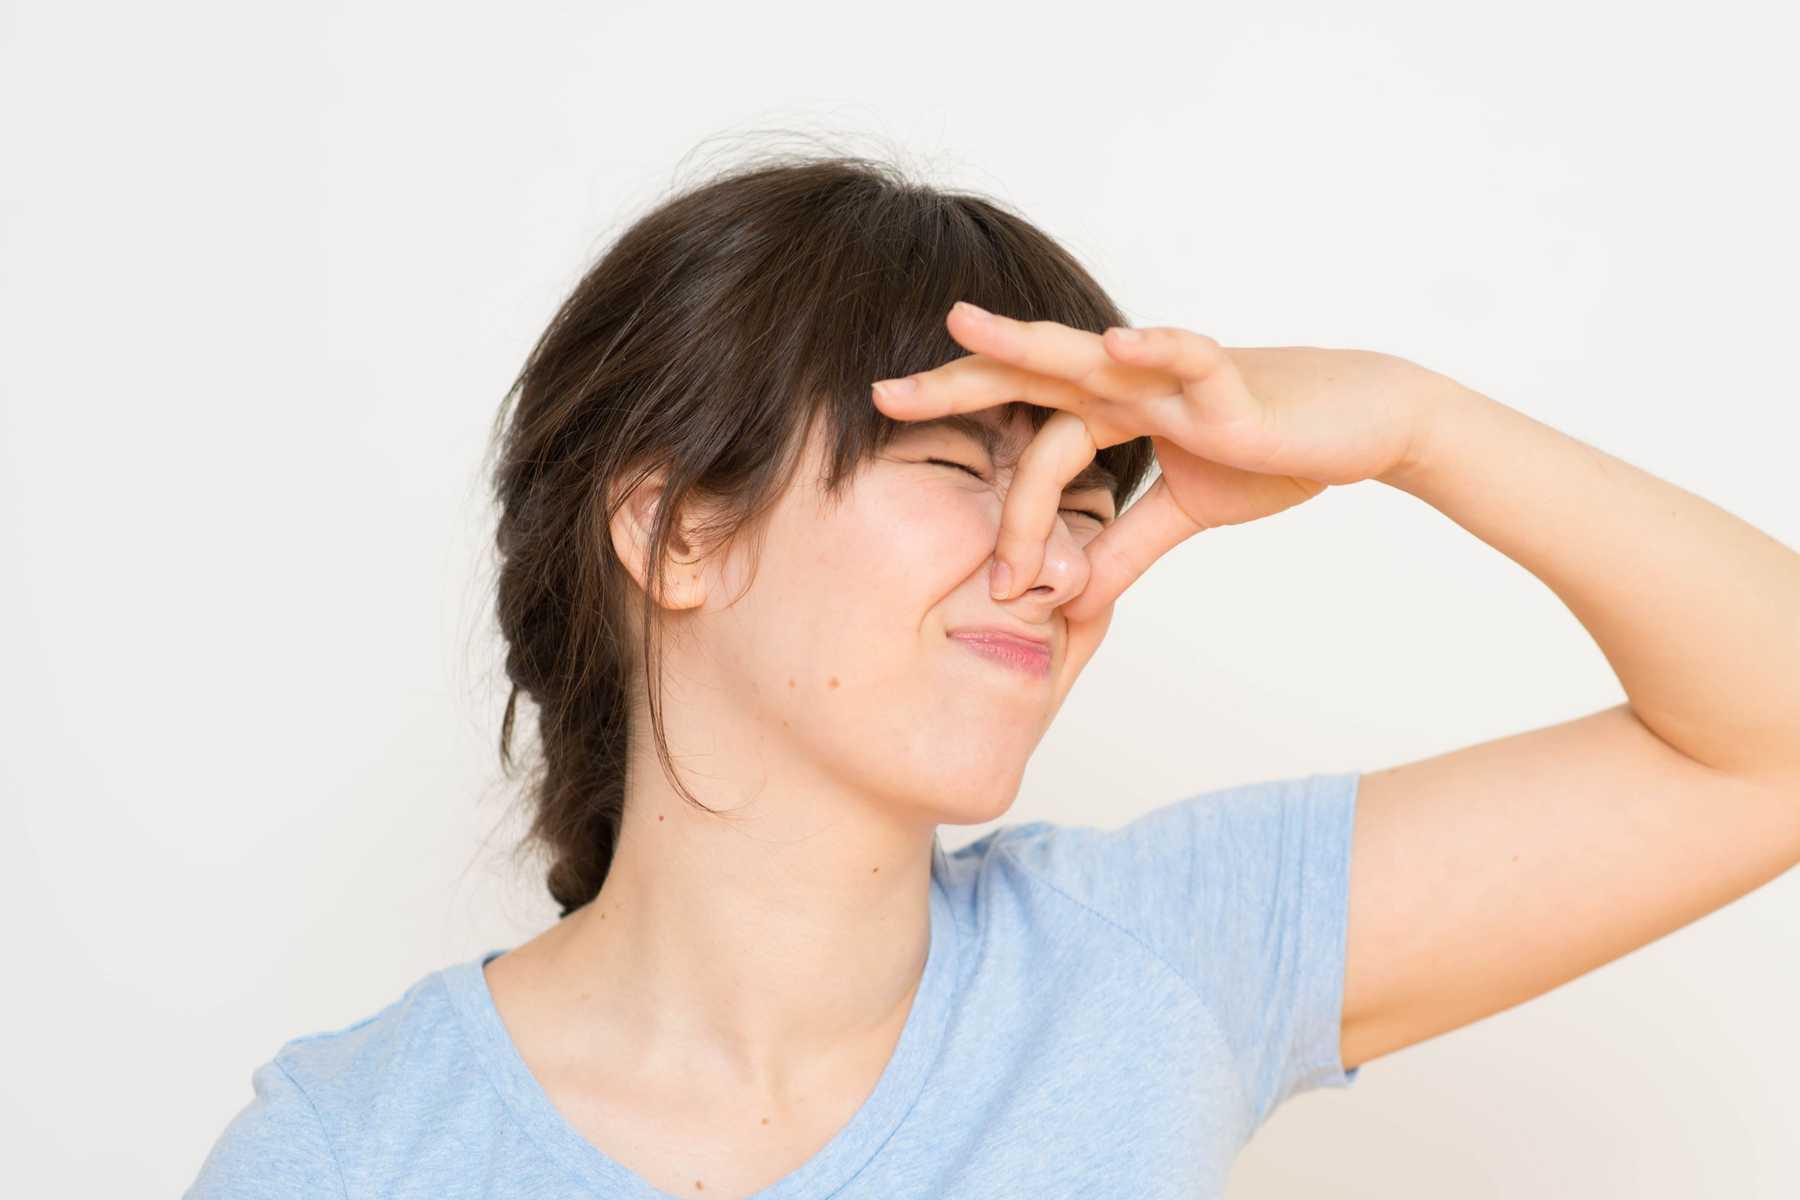 Chẳng cần đến nước hoa, mách bạn top thực phẩm tạo mùi thơm cơ thể!